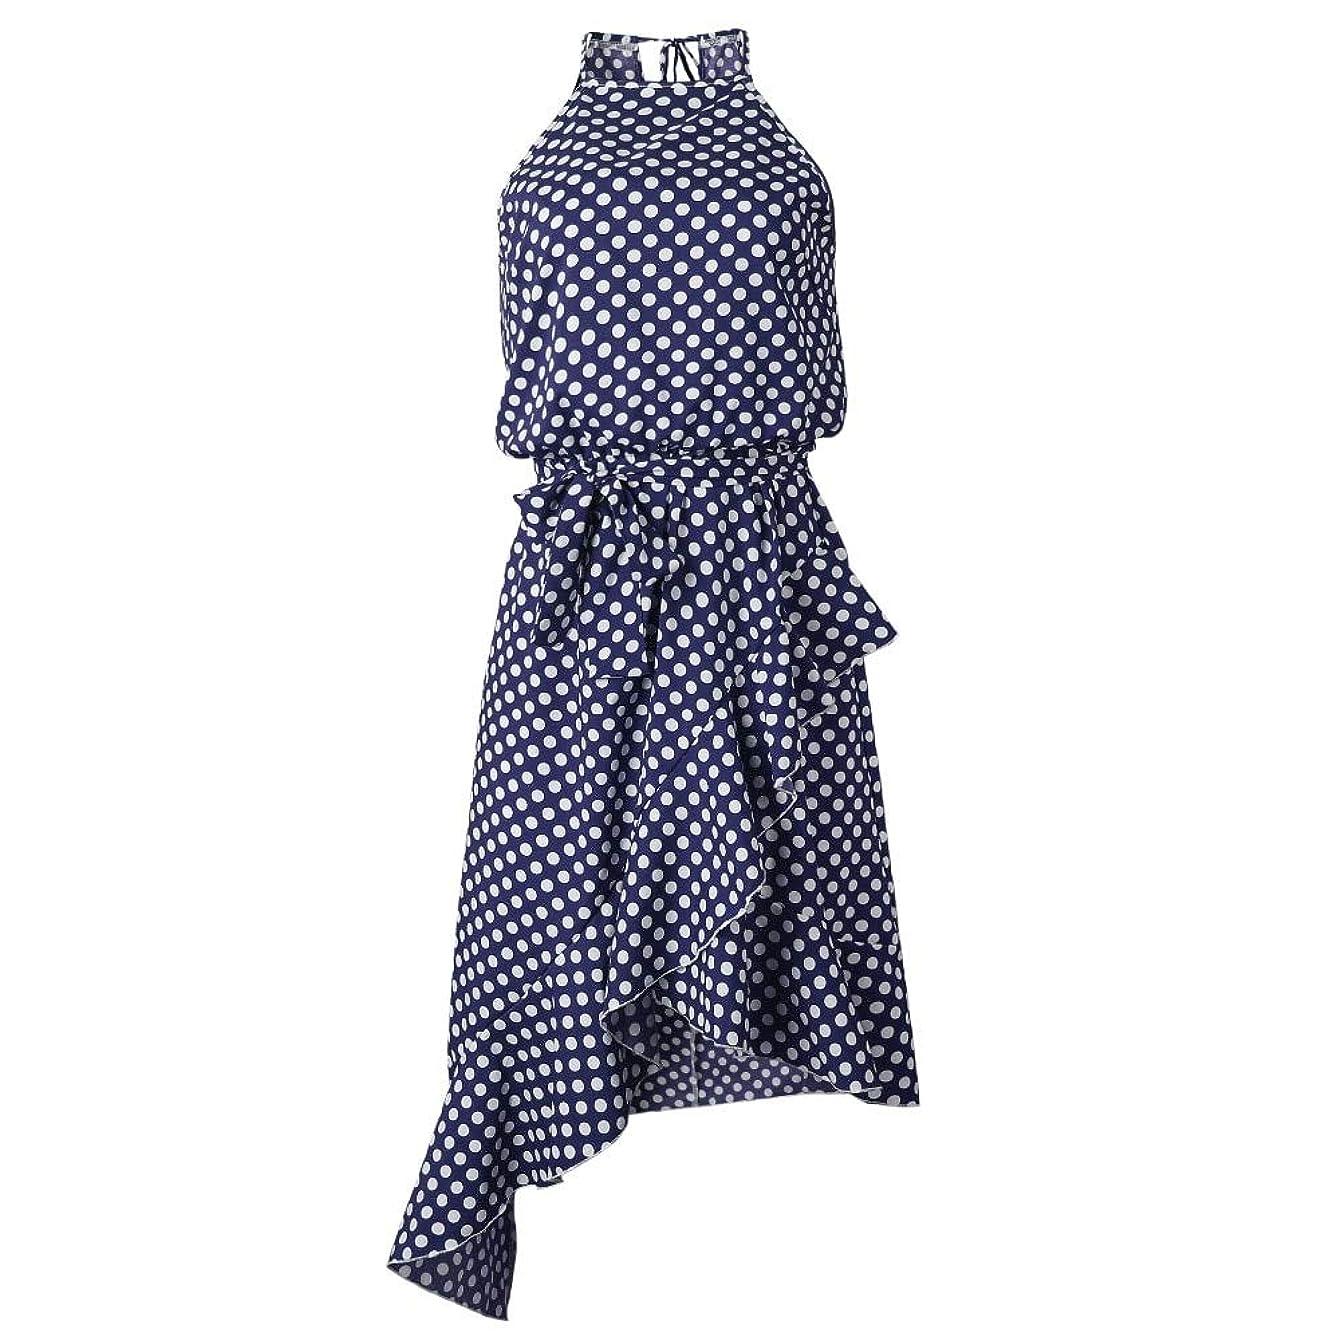 ジェーンオースティンクラックポット怪しいOnderroa - 夏のドレスの女性の新しいファッションホルターポルカドットプリントカジュアルドレスレディースフリルエレガントなドレス